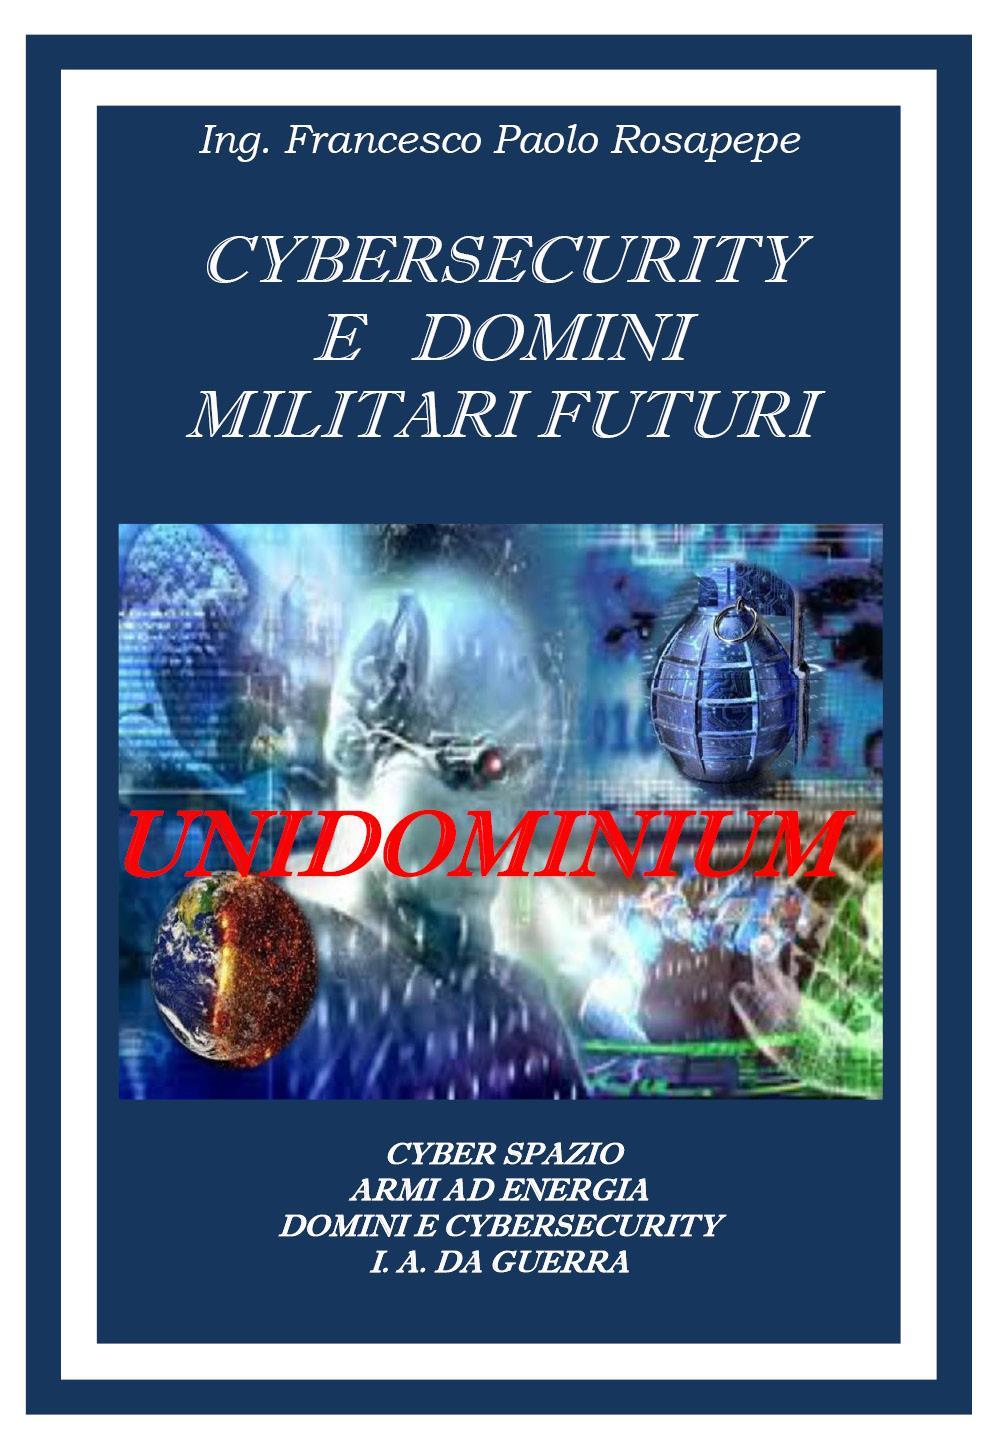 CYBERSECURITY E DOMINI MILITARI FUTURI